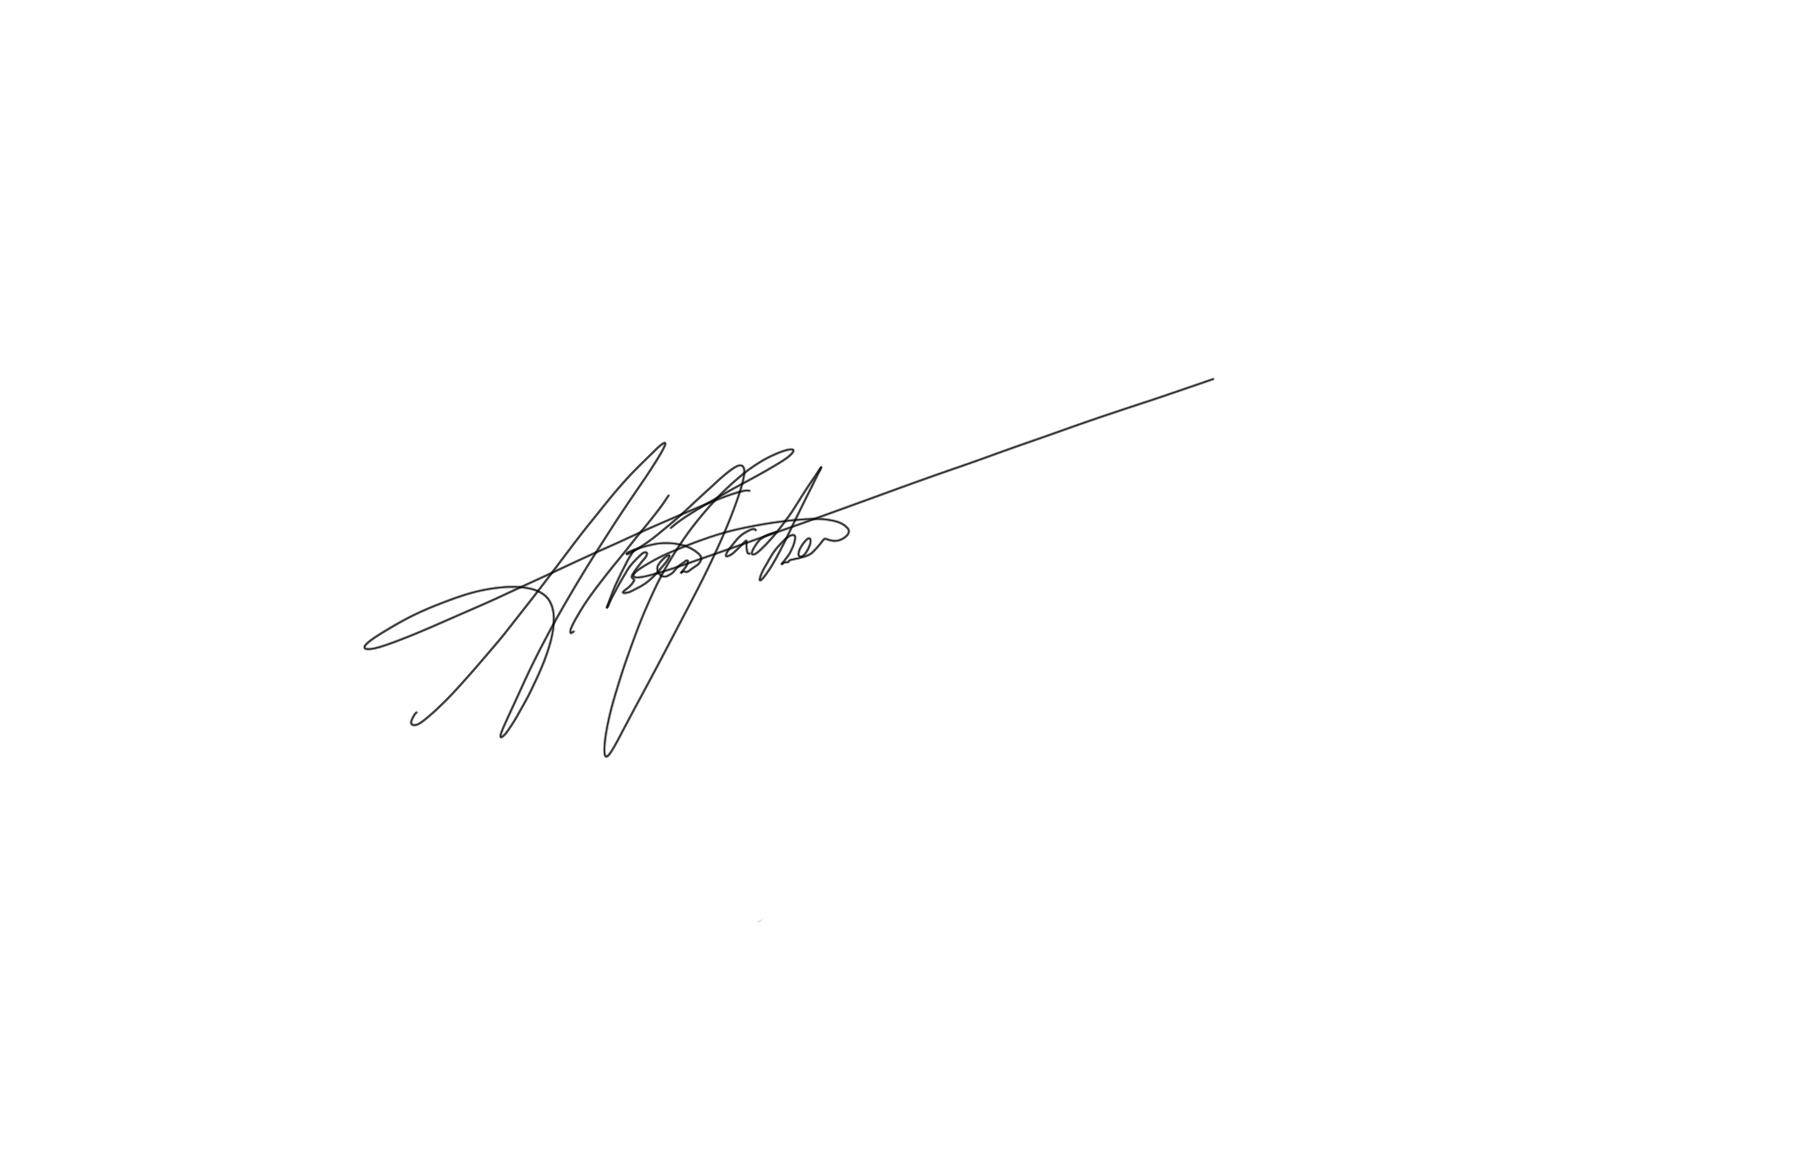 Alberto Pacheco Signature